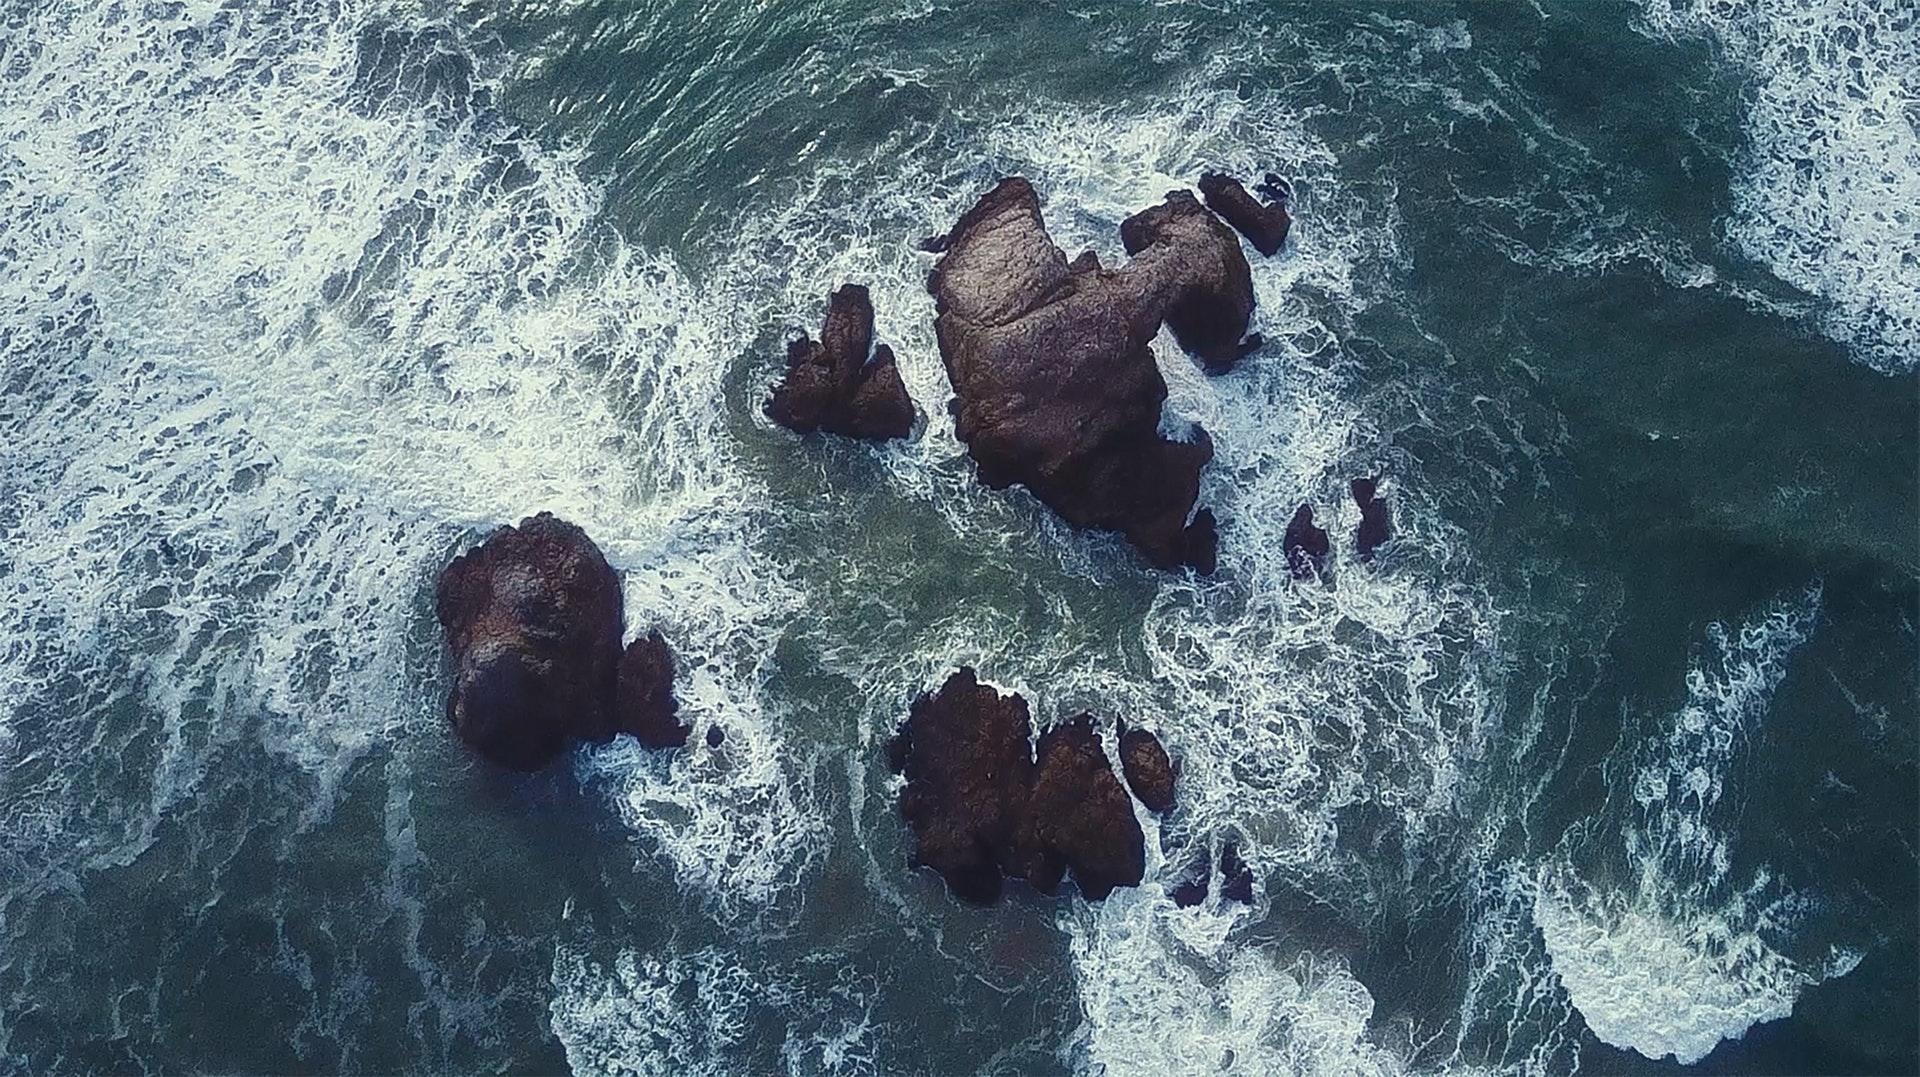 dronefotografie topdown